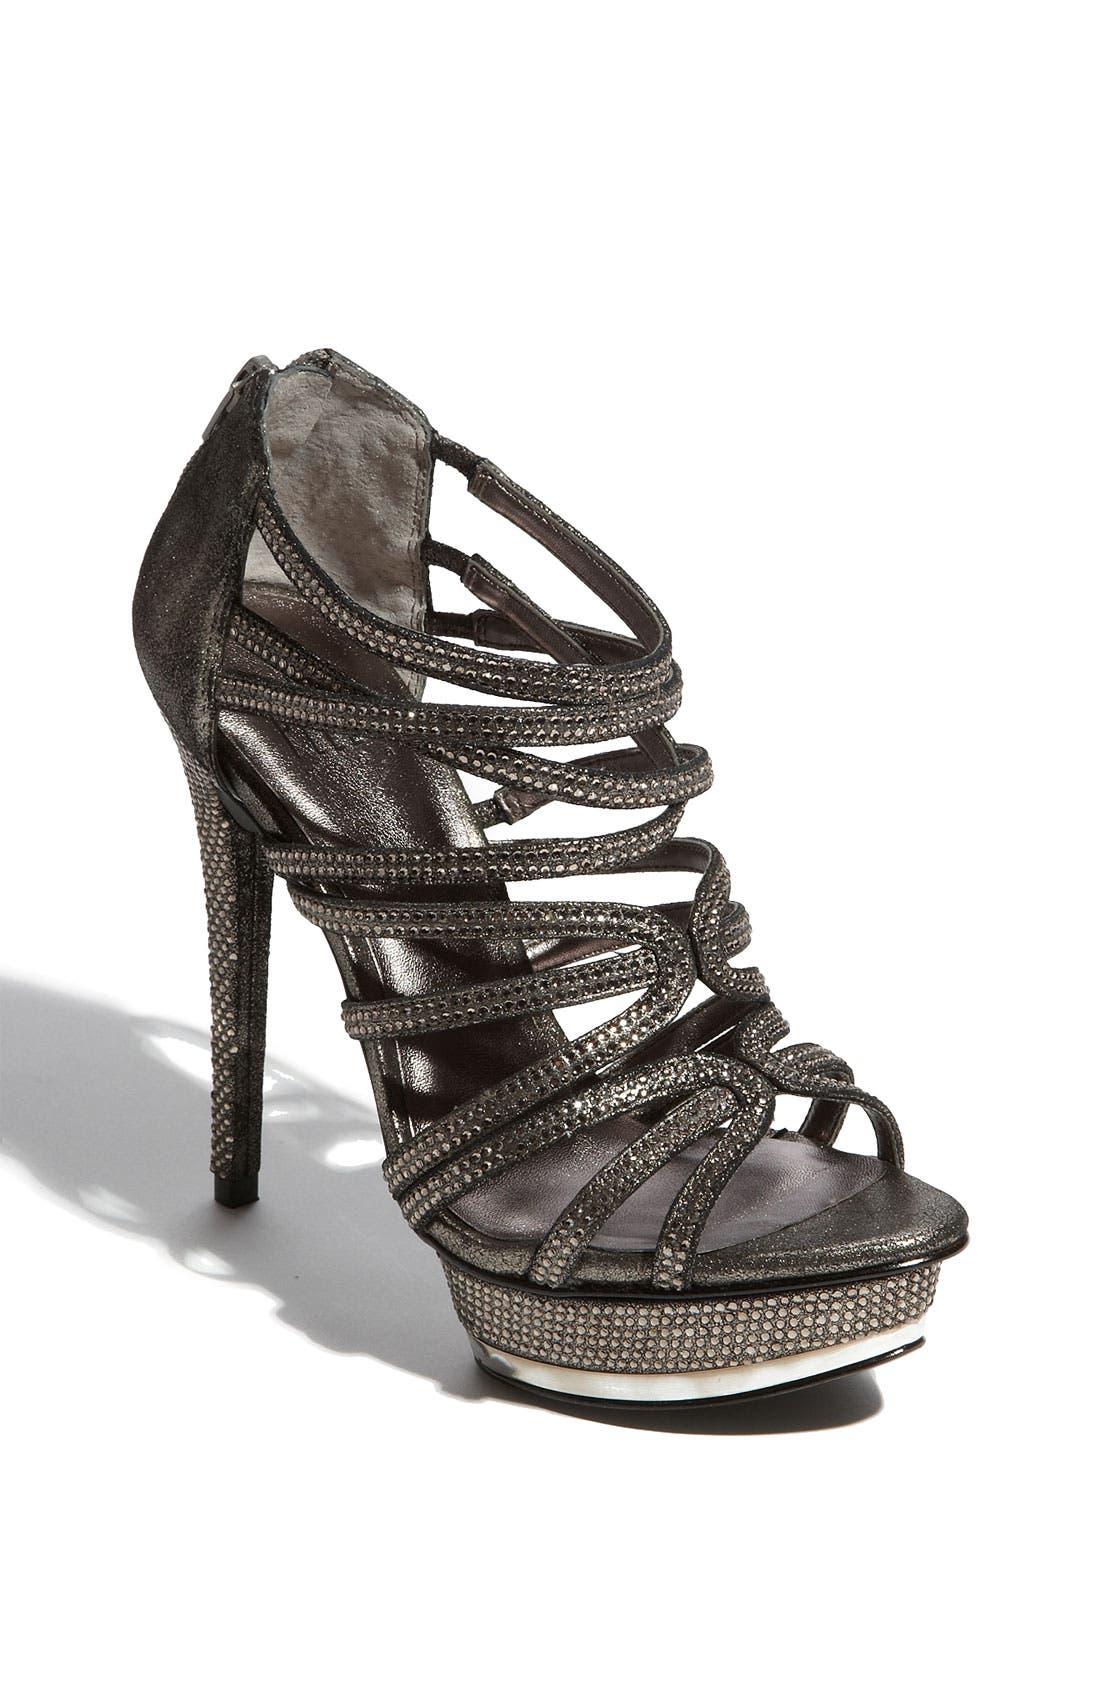 Alternate Image 1 Selected - Pelle Moda 'Augusta' Sandal